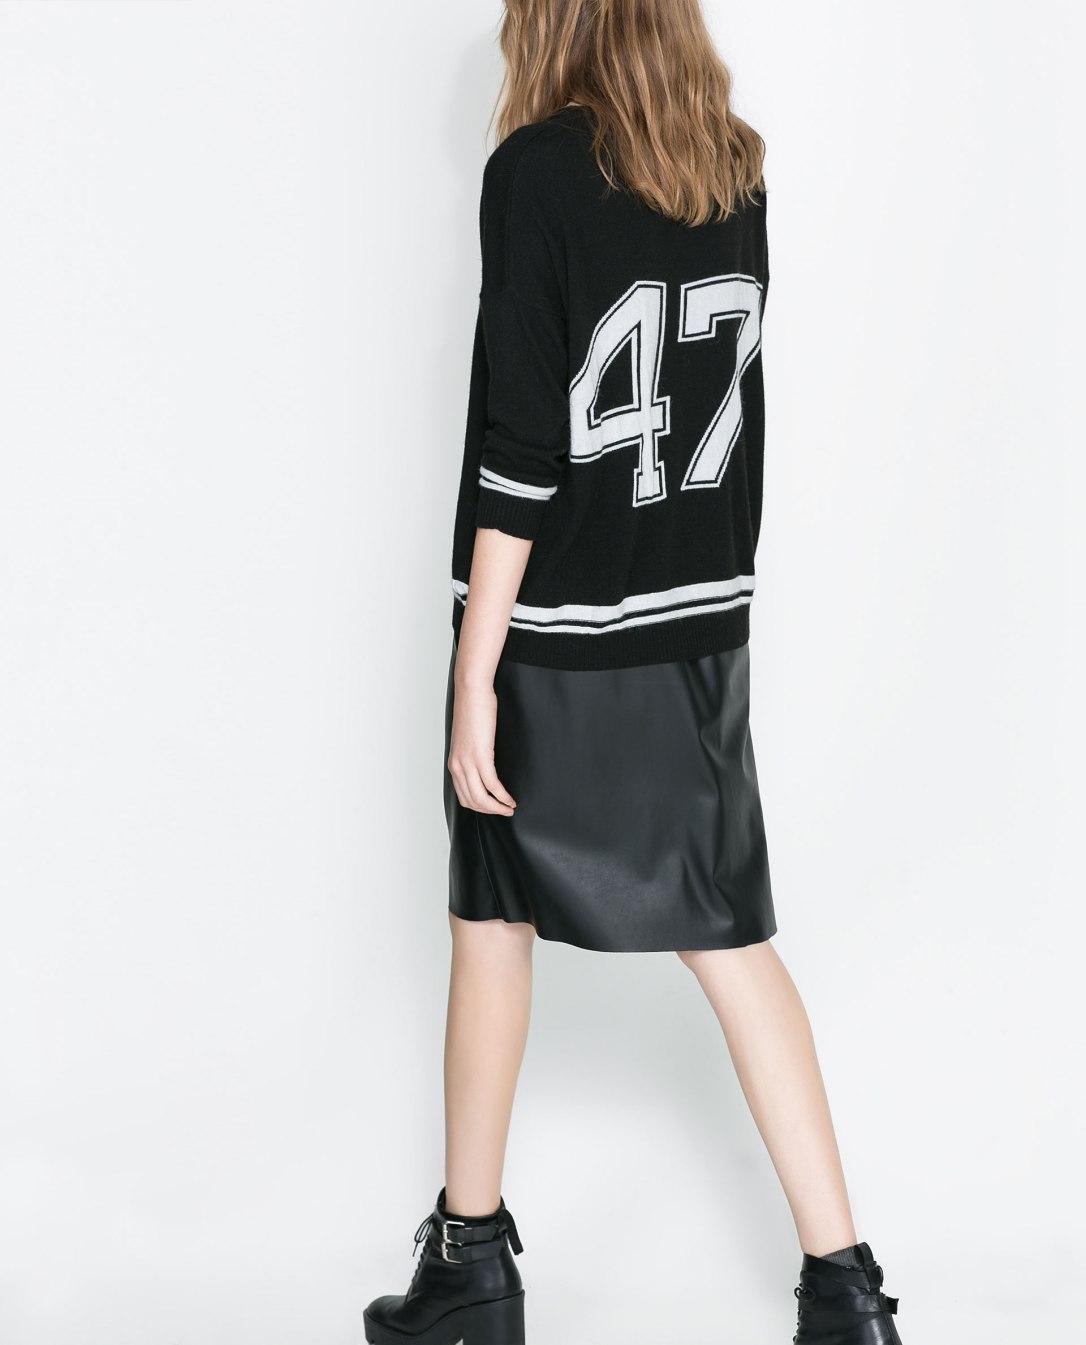 Los must del otoño 2013: Varsity y camisetas con número